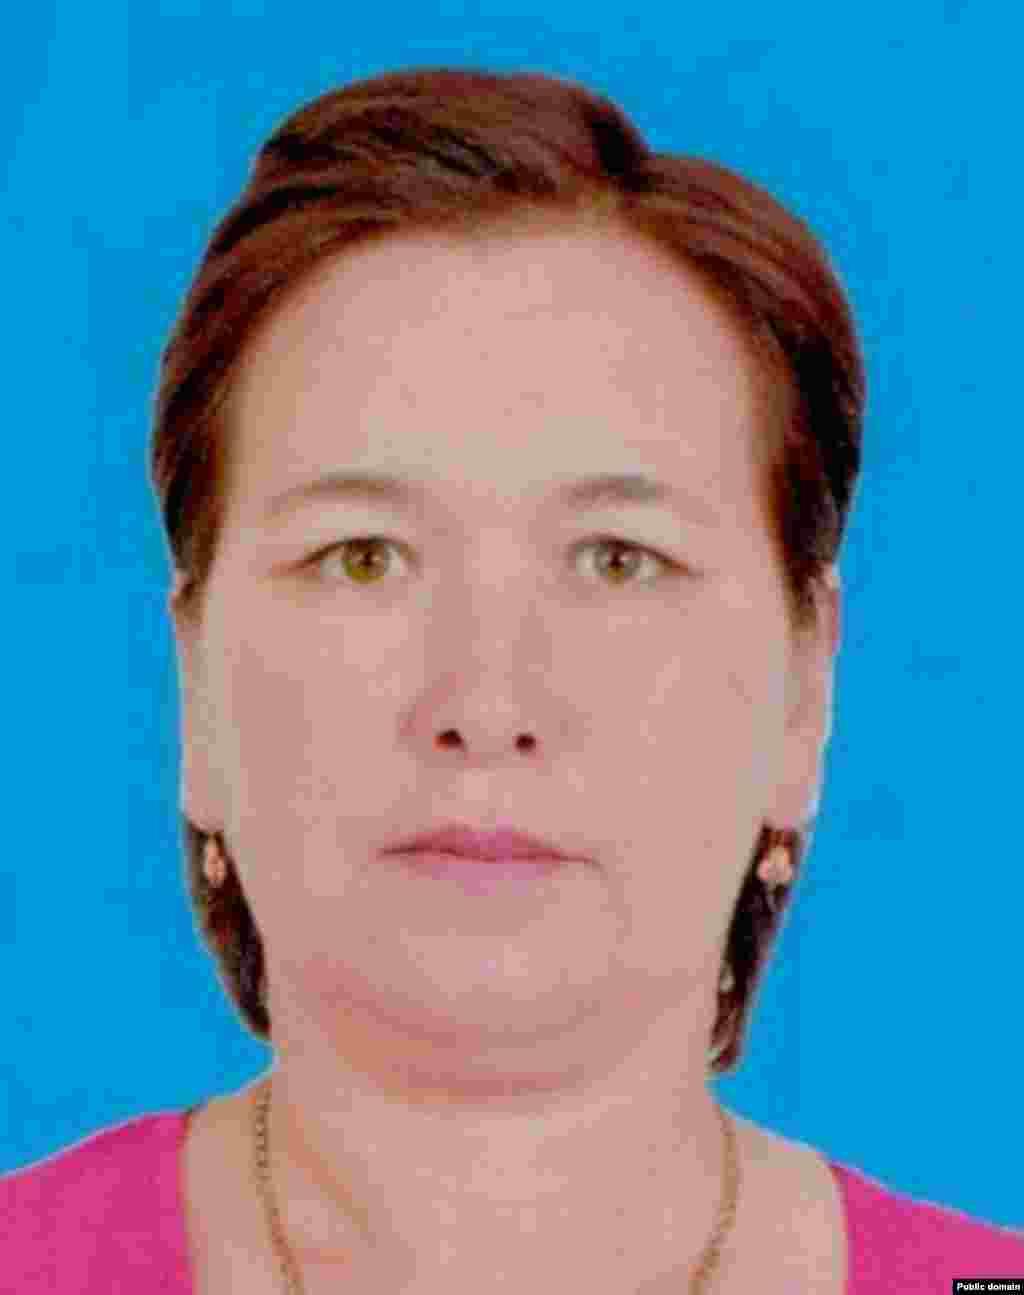 Жанар Әбдікәрімова 2011 жылы желтоқсанда Жаңаөзен оқиғасы кезінде опат болды.